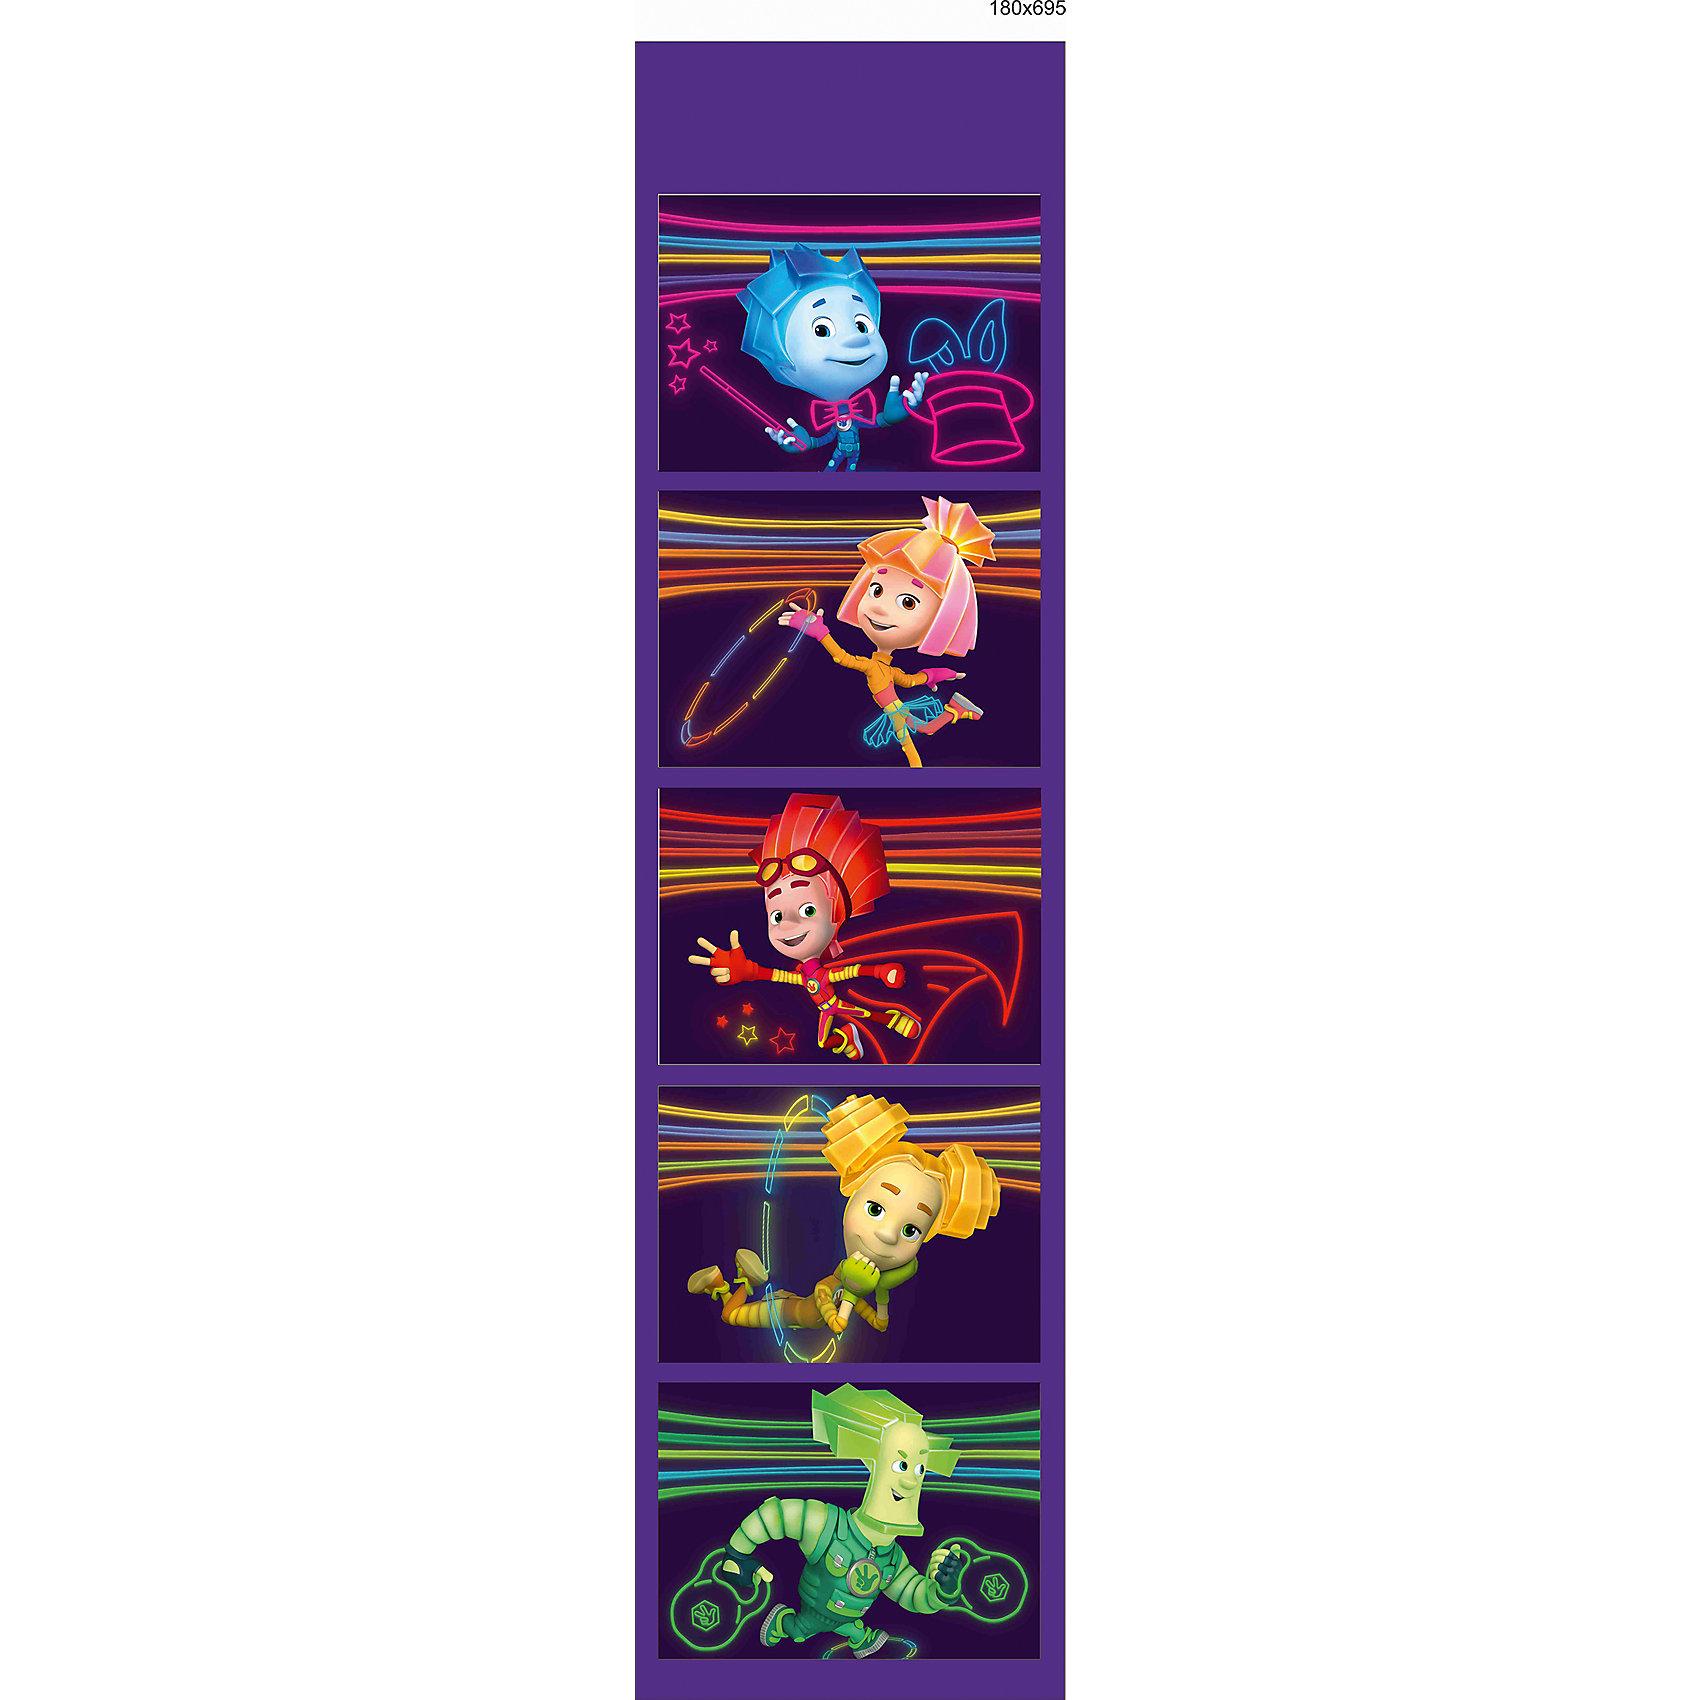 Органайзер подвесной Фиксики, высота 65 смФиксики<br>Органайзер подвесной Фиксики, высота 65 см, Centrum (Центрум)<br><br>Характеристики:<br><br>• 5 вместительных карманов<br>• яркий дизайн с героями мультфильма<br>• высота: 65 см<br>• материал: полиэстер 600 ден<br>• размер кармана: 15х13 см<br>• размер упаковки: 21х30х5 см<br><br>Органайзер - необходимая вещь для каждого ребенка, любящего порядок. Органайзер Фиксики содержит 5 вместительных карманов размеров 15х13 см. На каждом кармане отдельно изображен один из героев мультфильма. Сверху есть специальная ручка, с помощью которой вы сможете повесить органайзер. А изображение любимых мастеров Фиксиков всегда будет радовать ребенка!<br><br>Органайзер подвесной Фиксики, высота 65 см, Centrum (Центрум) вы можете купить в нашем интернет-магазине.<br><br>Ширина мм: 50<br>Глубина мм: 210<br>Высота мм: 300<br>Вес г: 210<br>Возраст от месяцев: 36<br>Возраст до месяцев: 120<br>Пол: Унисекс<br>Возраст: Детский<br>SKU: 5175375